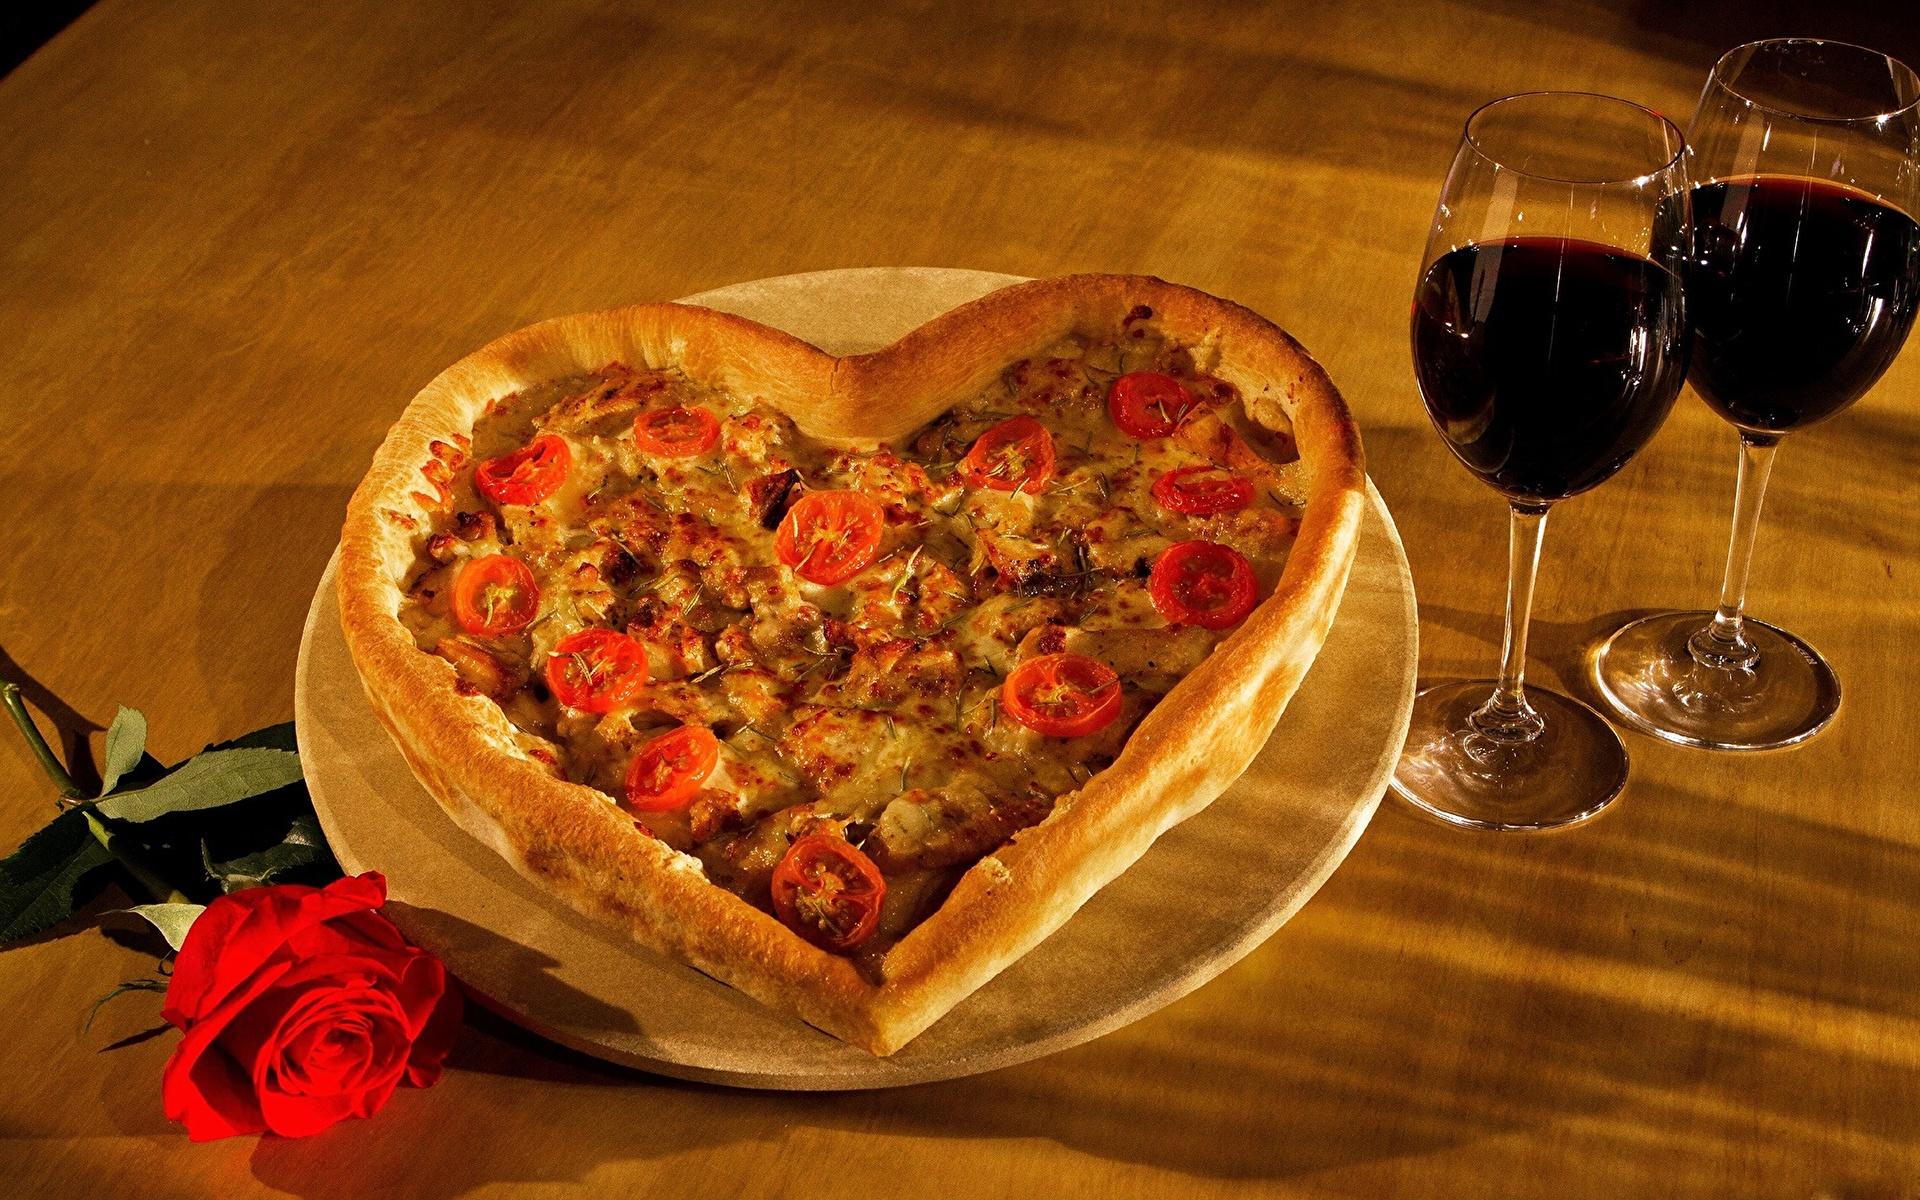 Фото серце Пицца Продукты питания 1920x1200 Сердце сердца сердечко Еда Пища